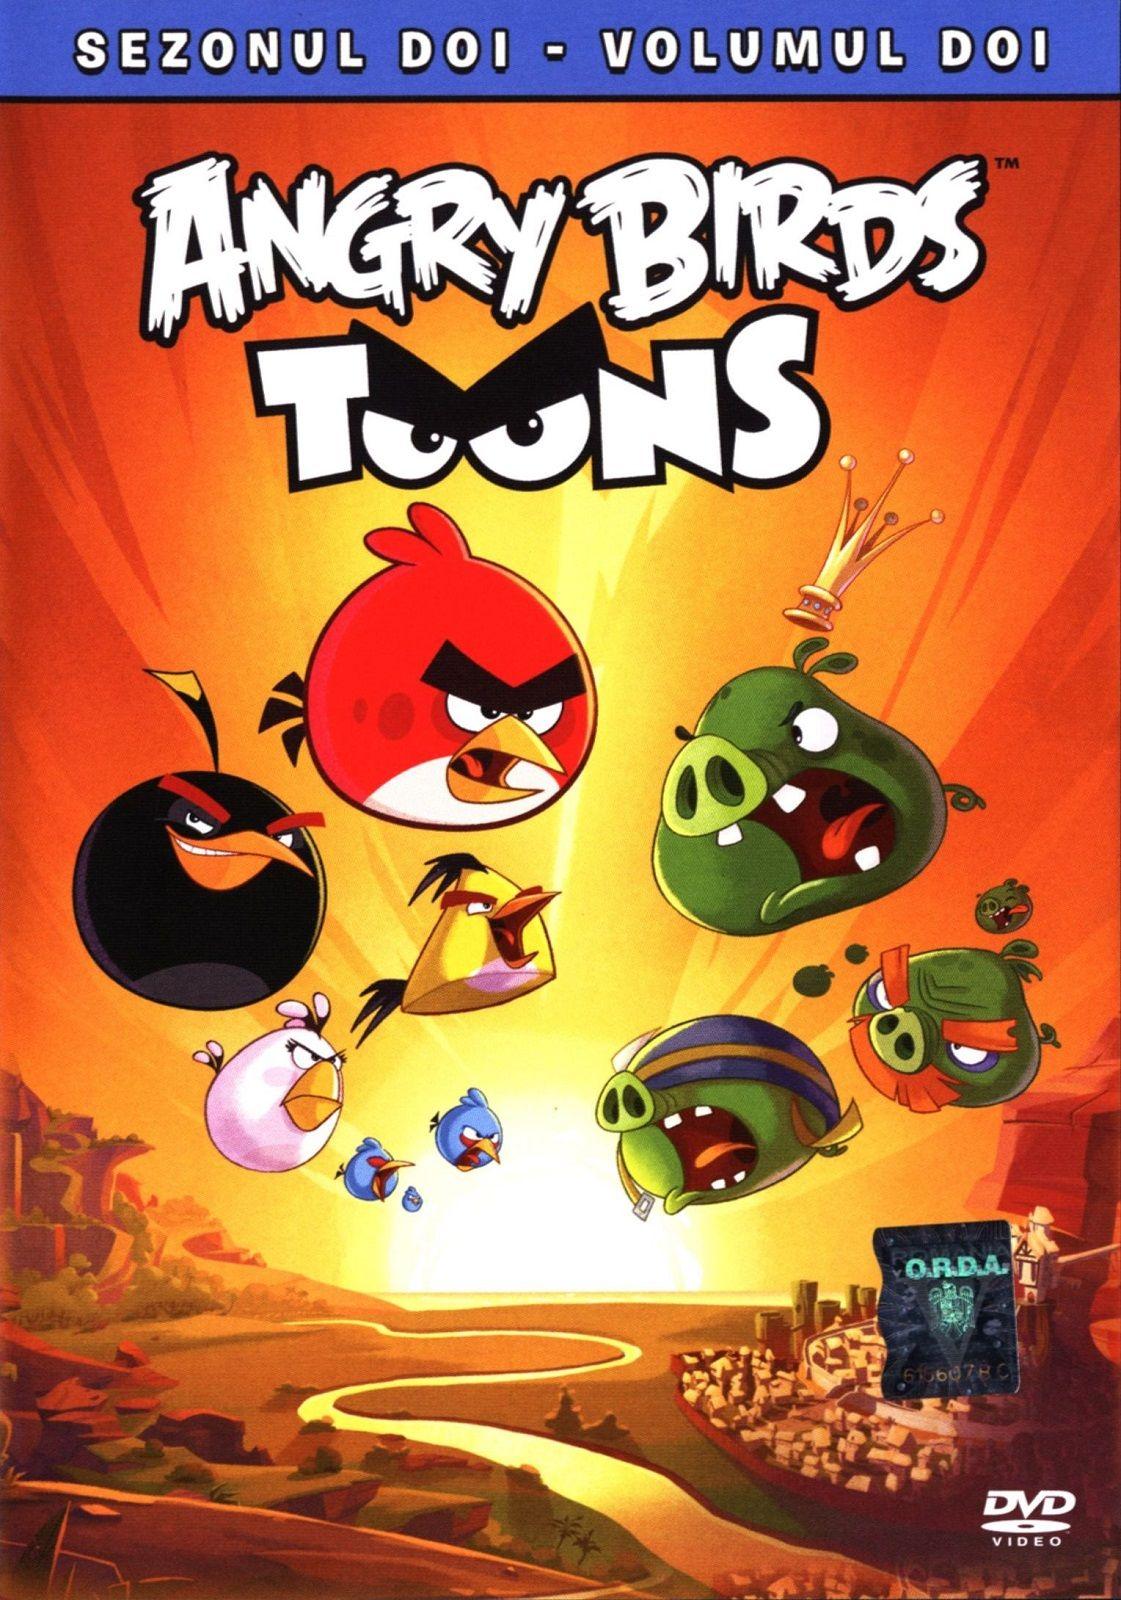 Angry Birds Toons - Сезон 2 - част 2 (DVD) - 1